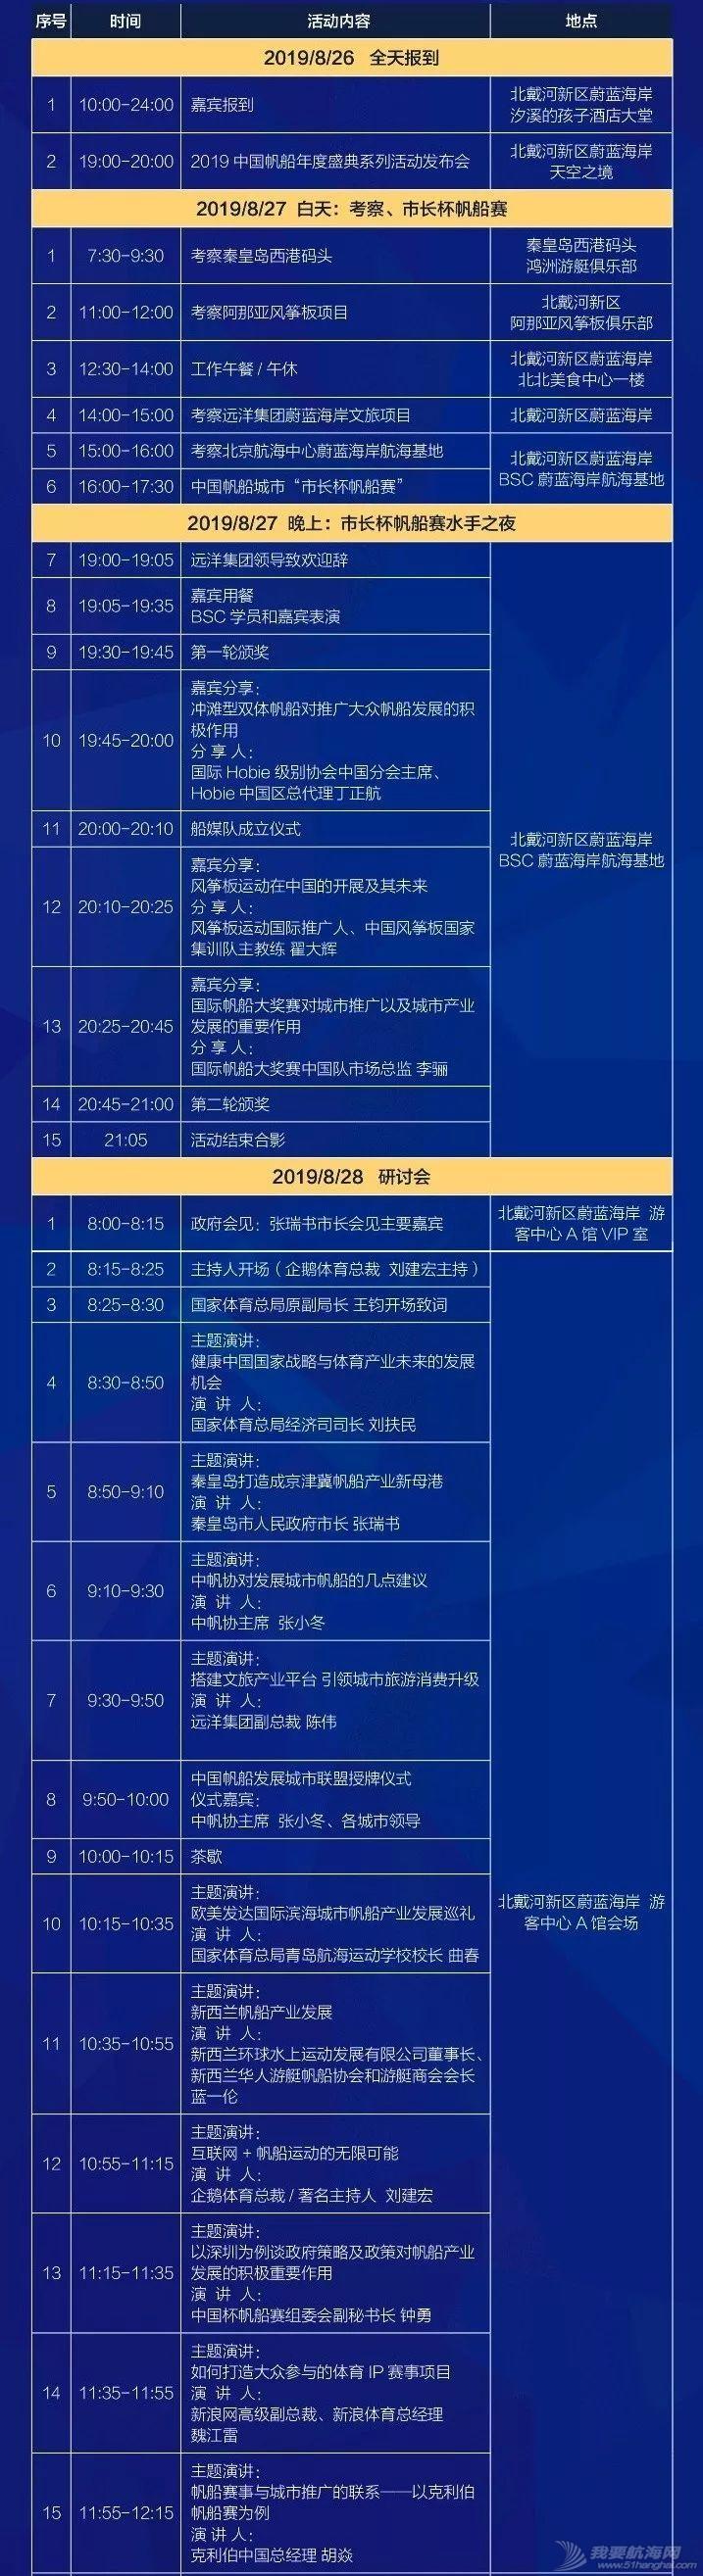 远洋·蔚蓝海岸2019中国帆船城市发展研讨会重量级演讲嘉宾阵容大曝光w16.jpg